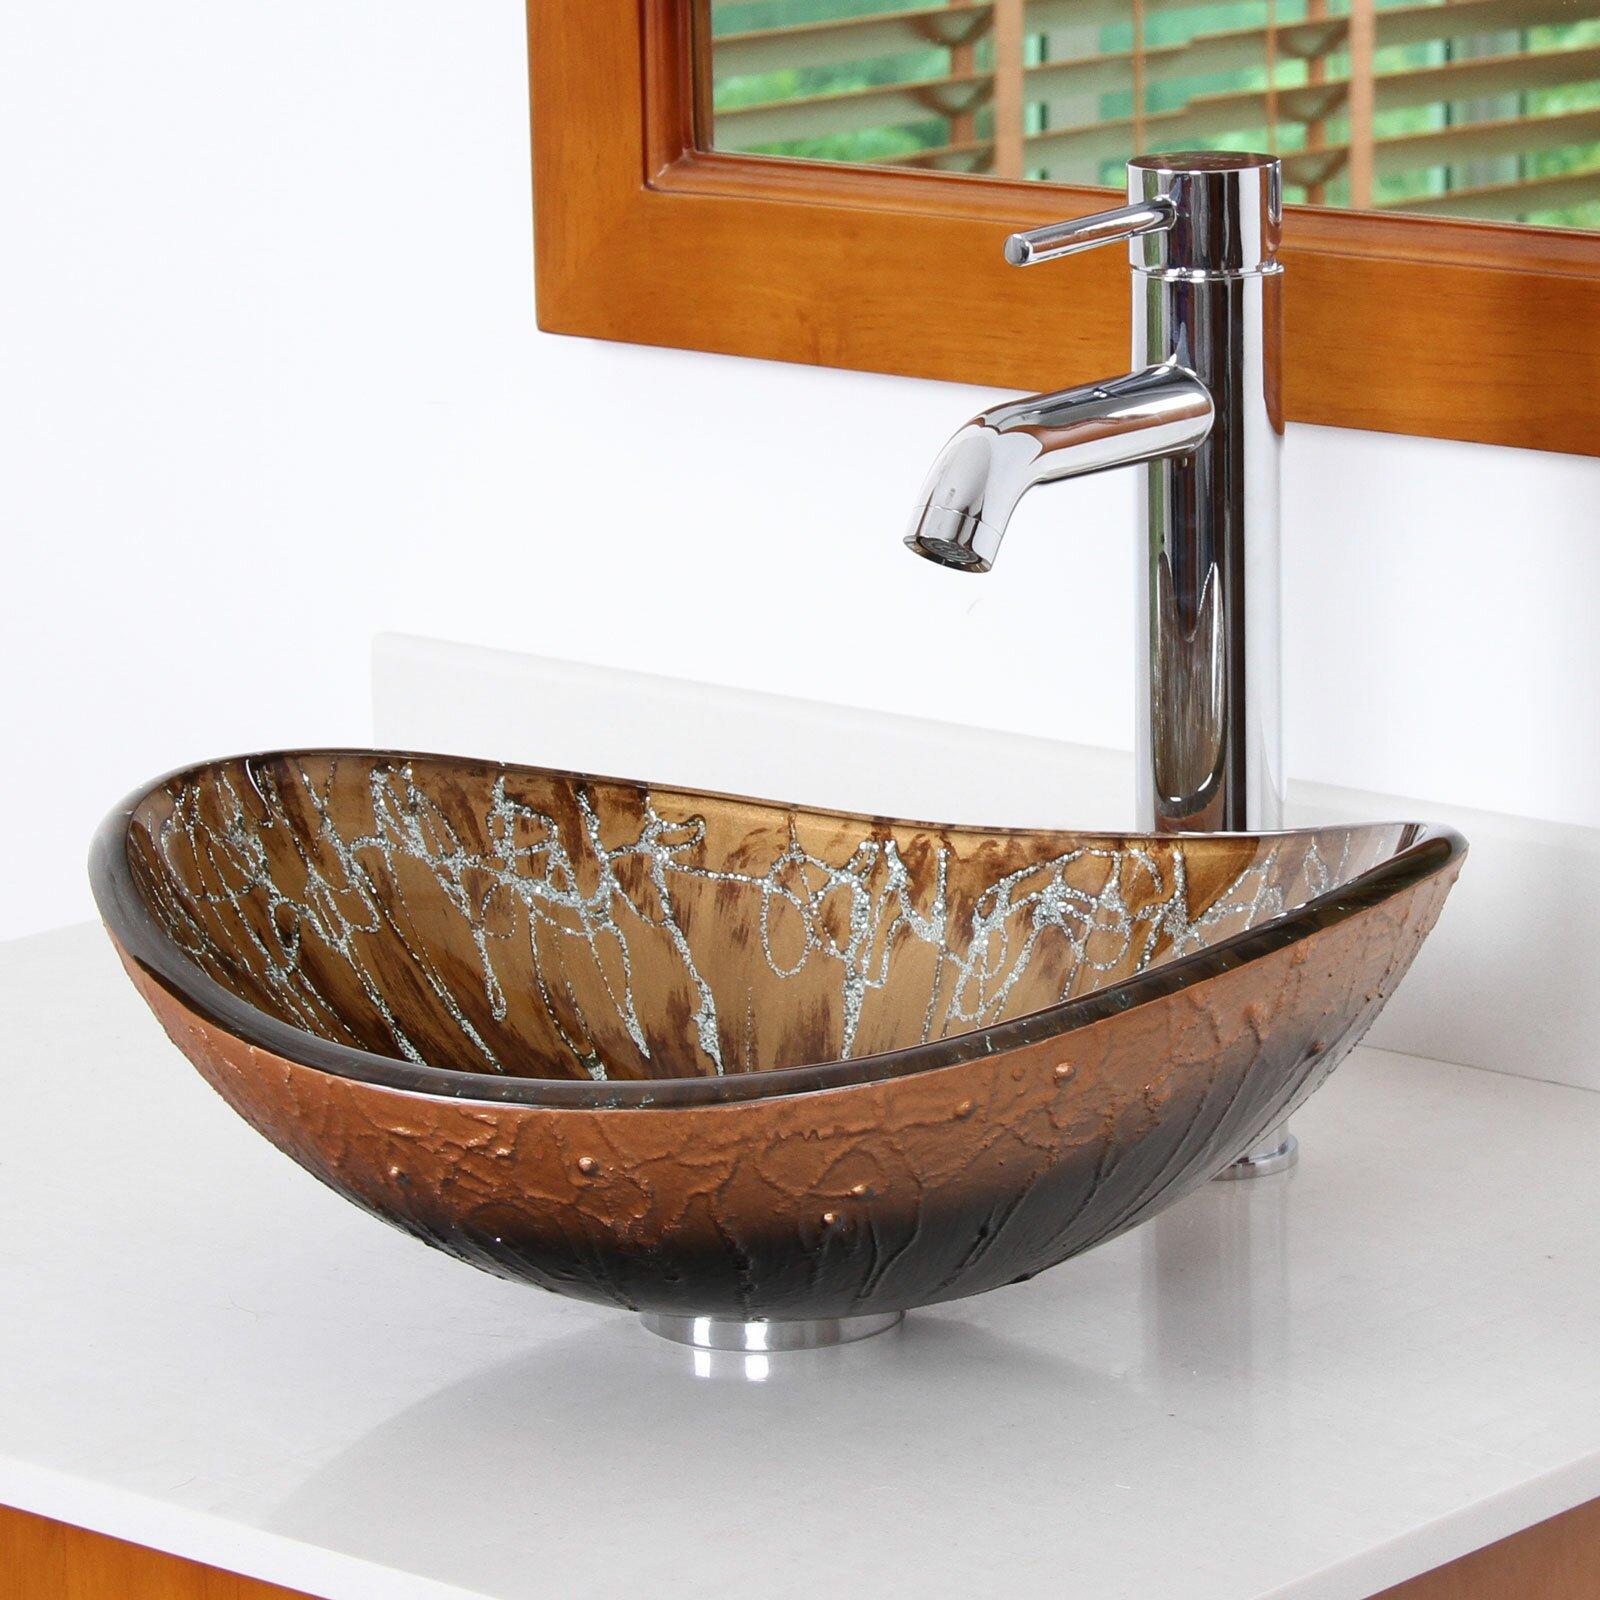 Bathroom sink bowl